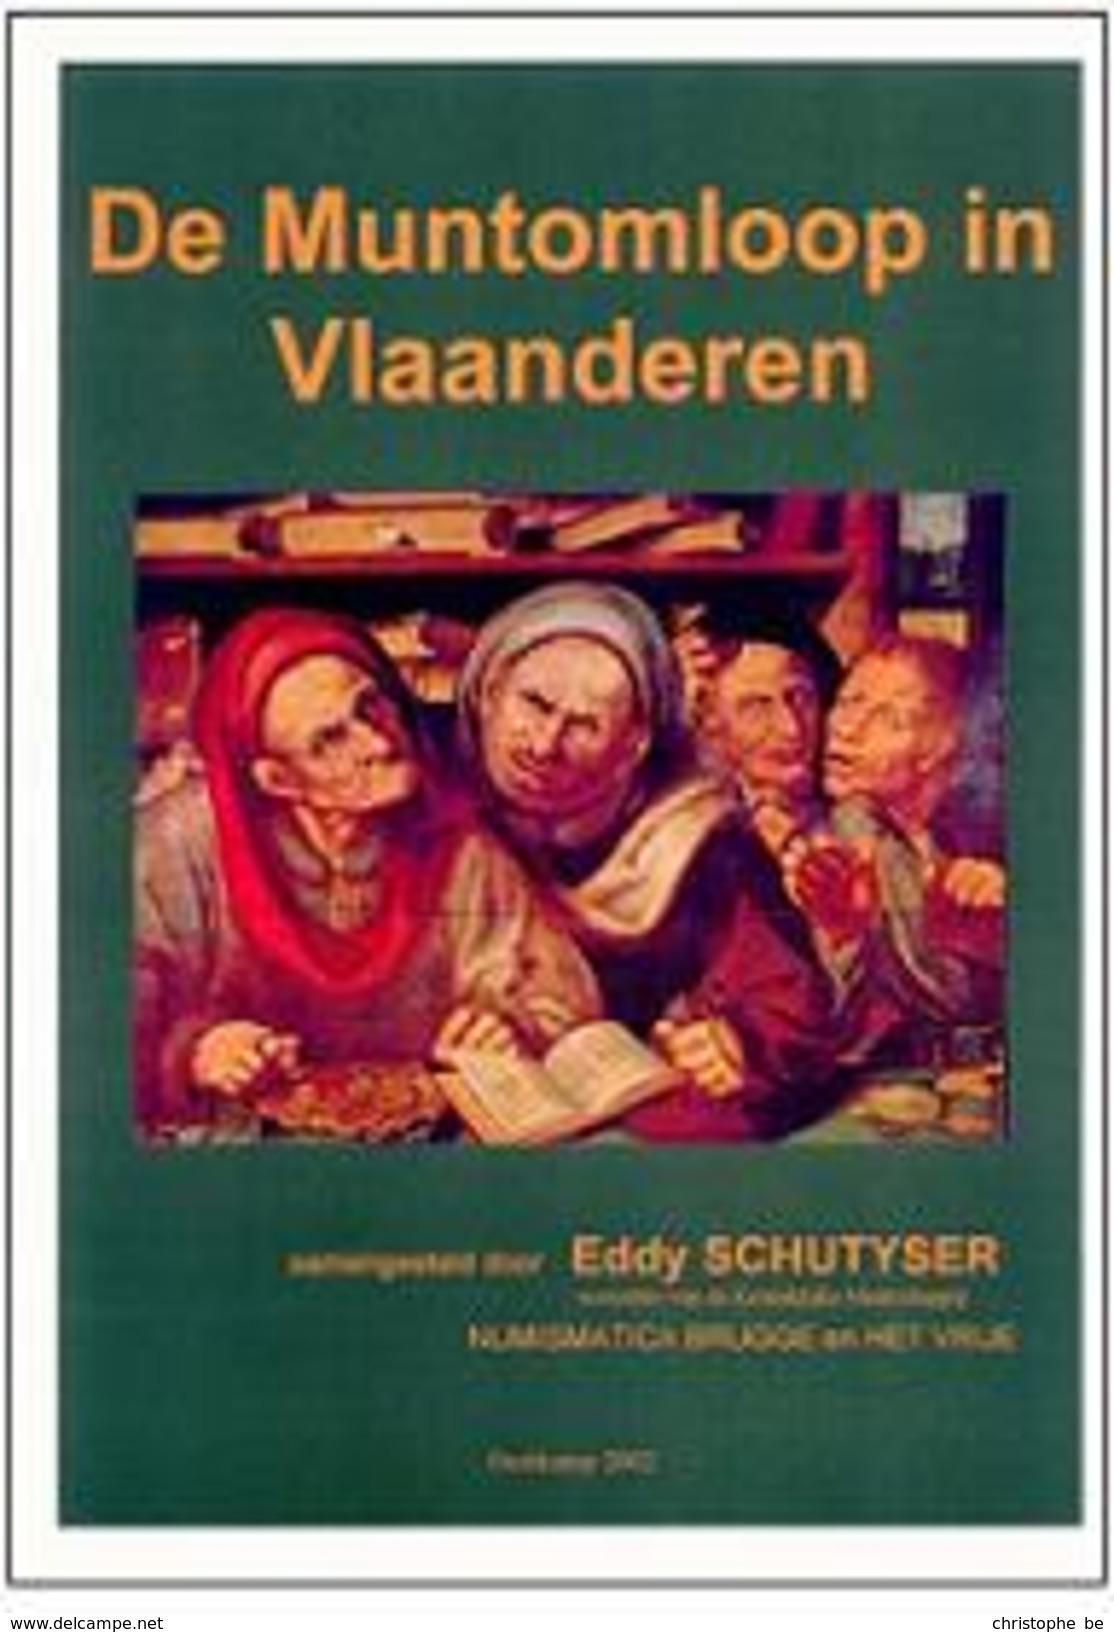 De Muntomloop In Vlaanderen, Eddy Schutyser - Vita Quotidiana